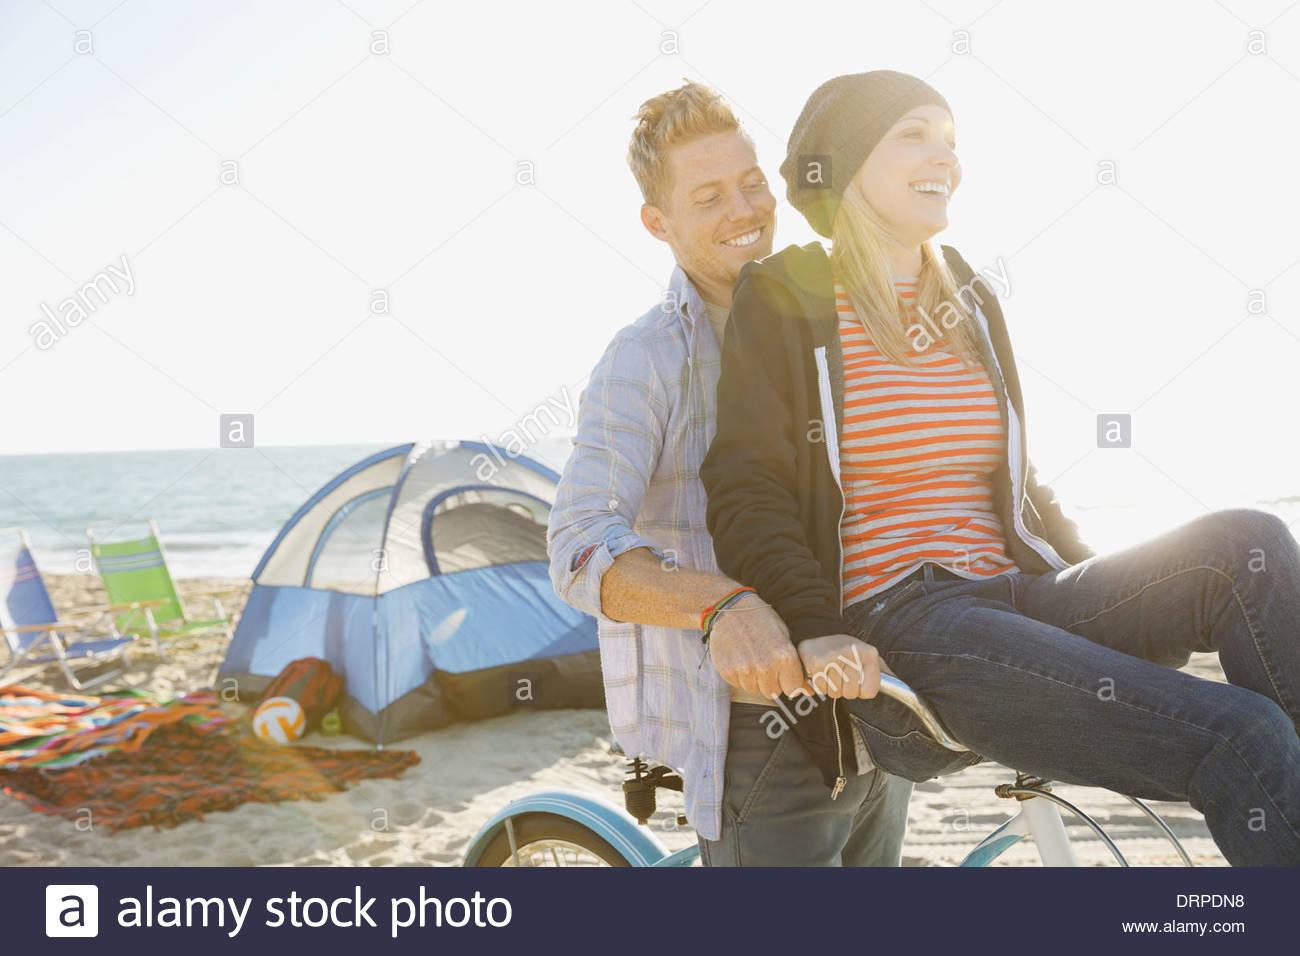 Coppia sorridente escursioni in bicicletta sulla spiaggia Immagini Stock